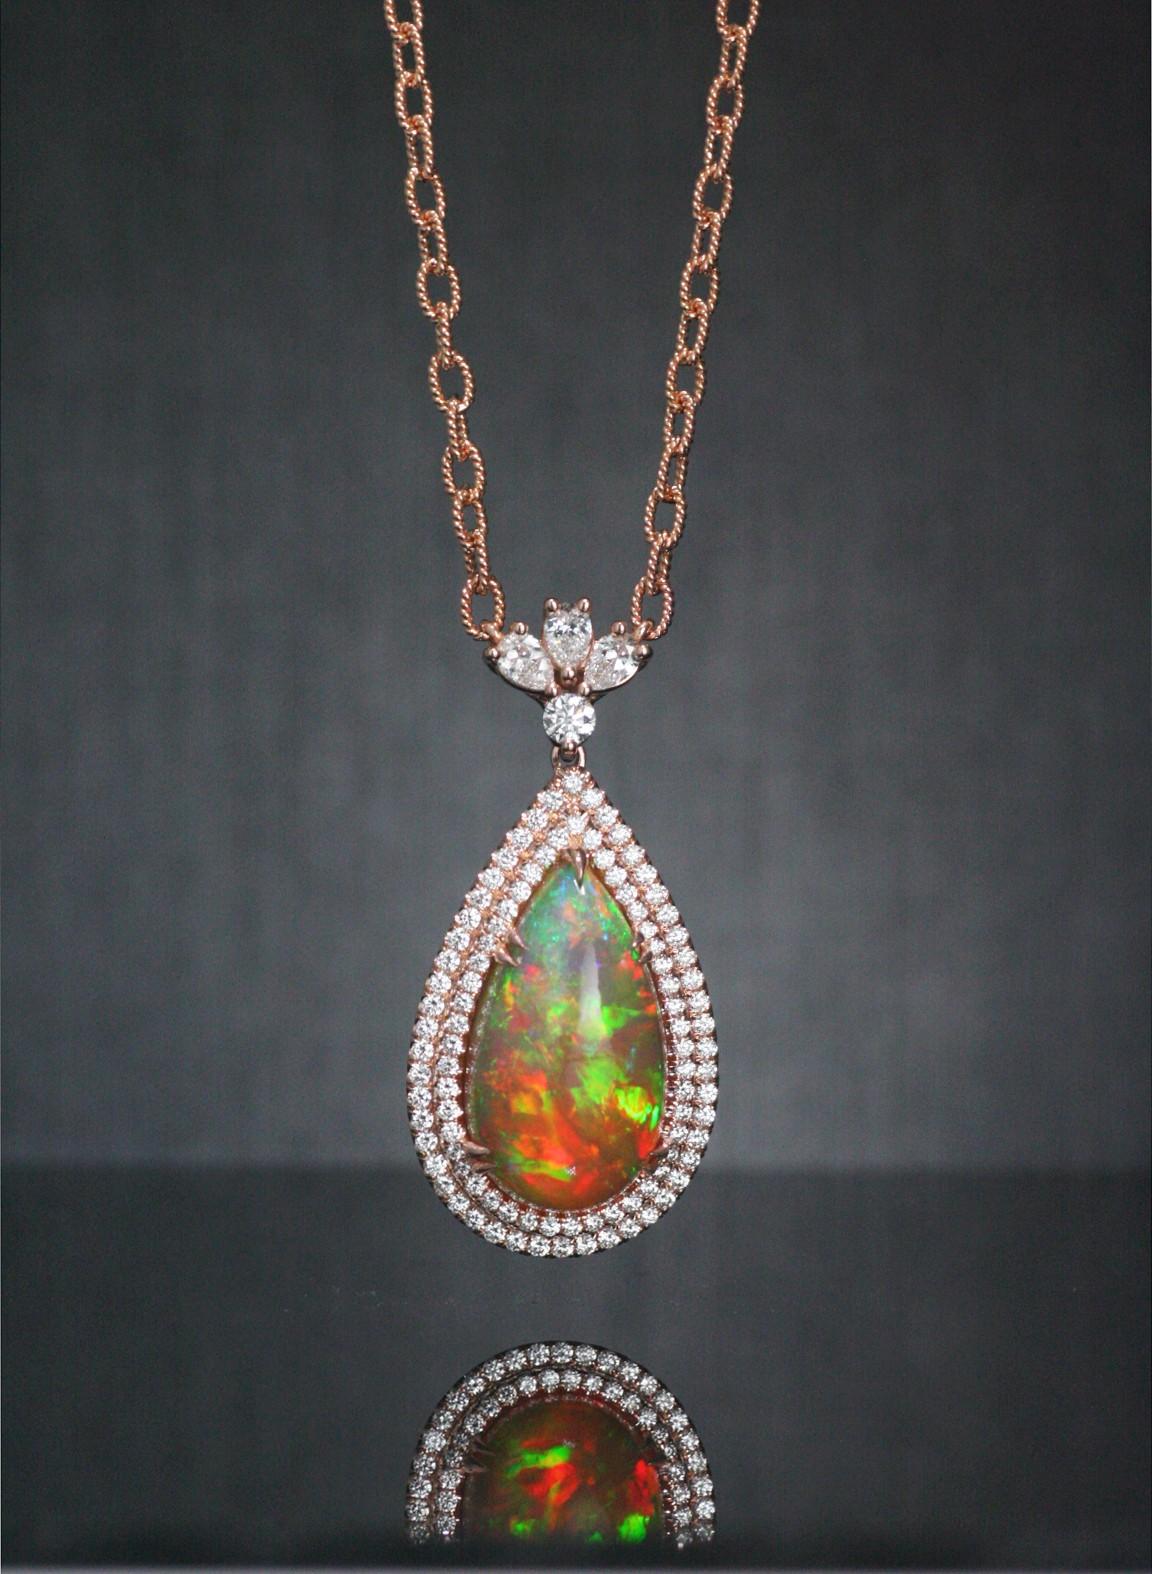 Pear shape opal pendant.